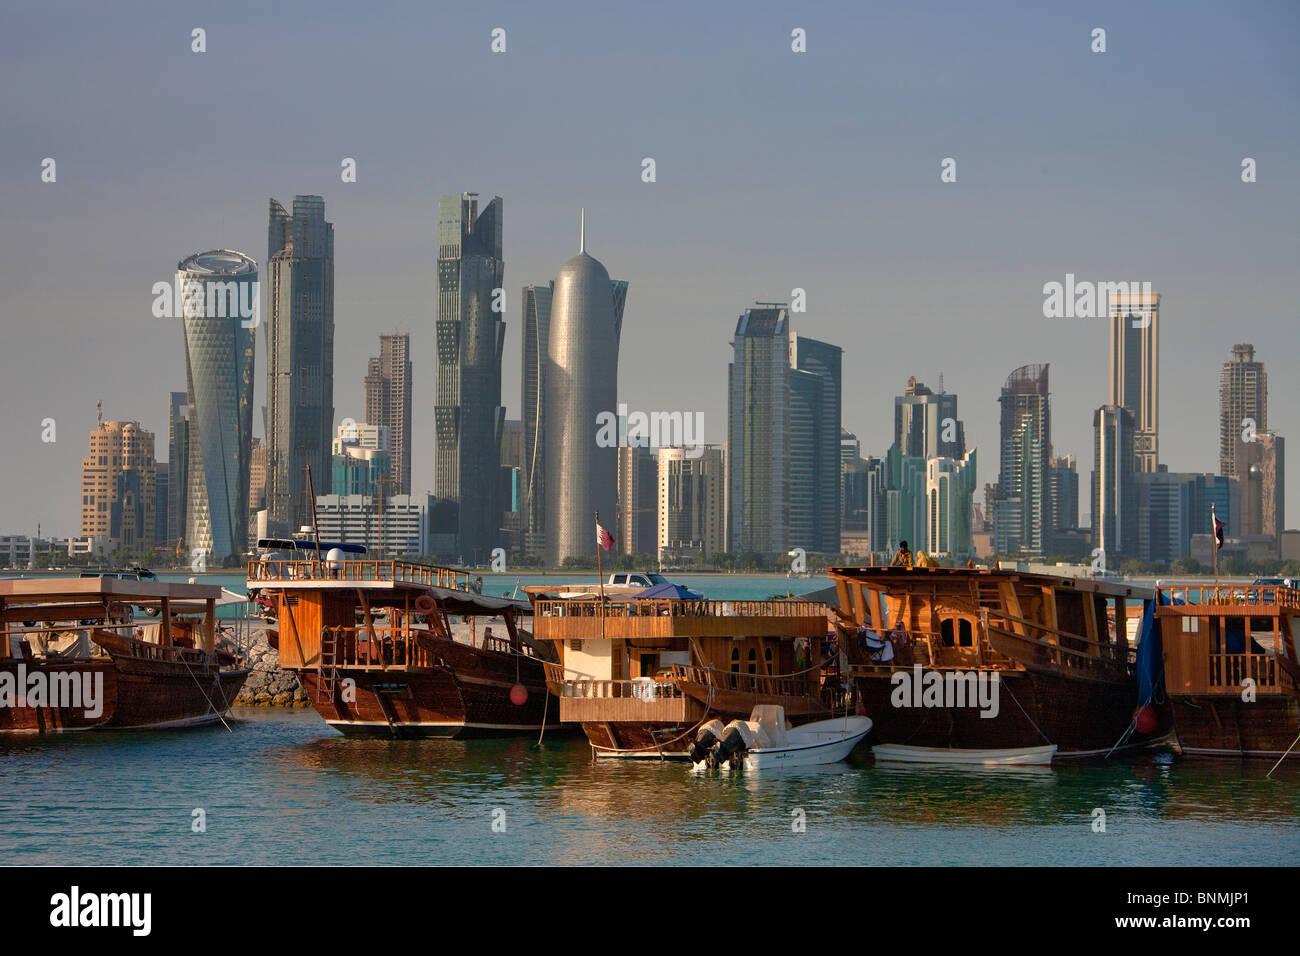 Le Qatar ÉMIRATS ARABES UNIS Emirats Arabes Unis bloc d'appartements architecture gratte-ciel de Doha des Photo Stock